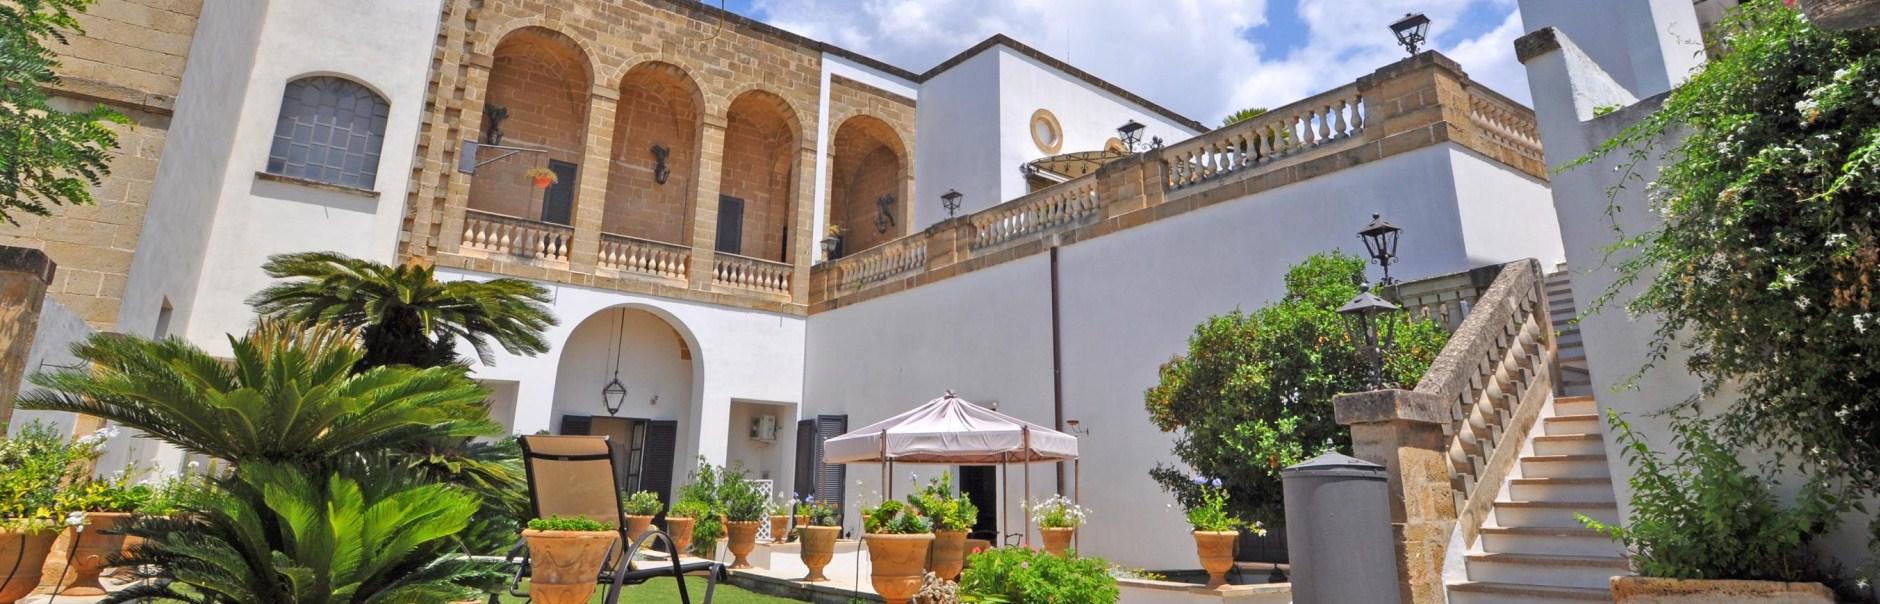 Palazzo De Donatis - Melissano